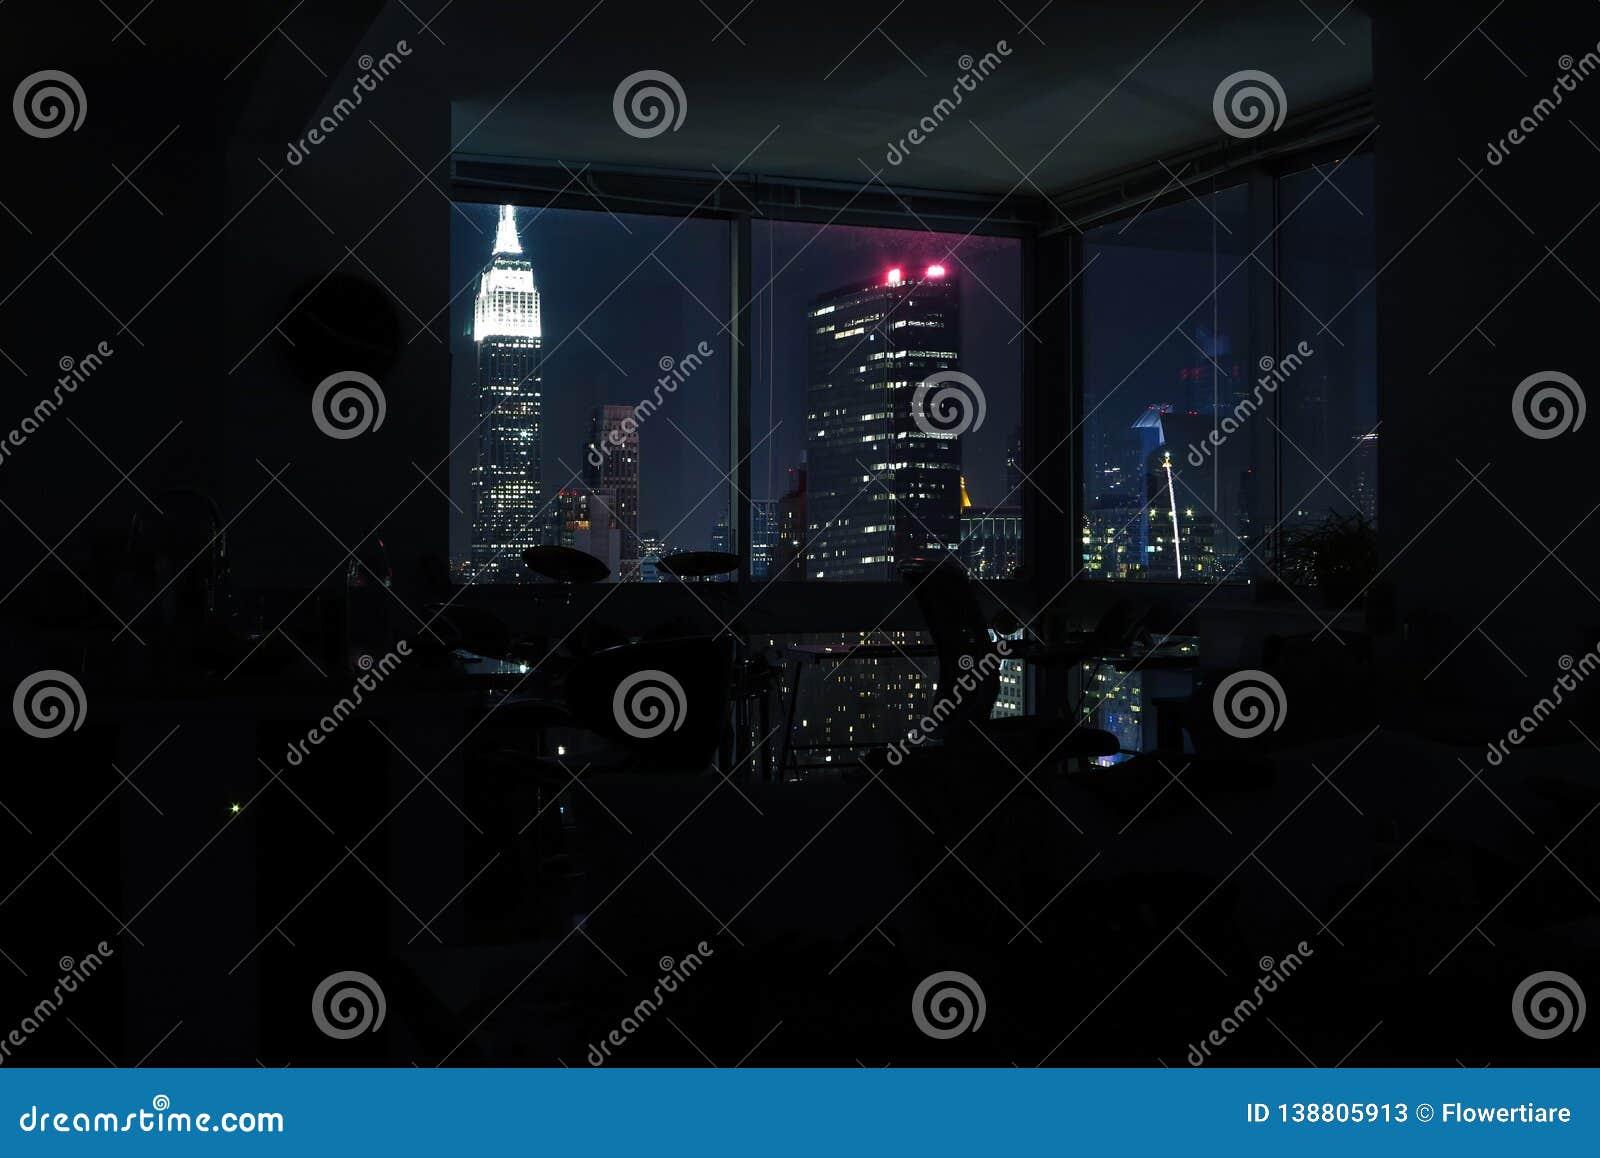 Άποψη των ουρανοξυστών νύχτας της πόλης Μανχάταν της Νέας Υόρκης μέσω των παραθύρων του διαμερίσματος Τοπ άποψη της νύχτας της πε